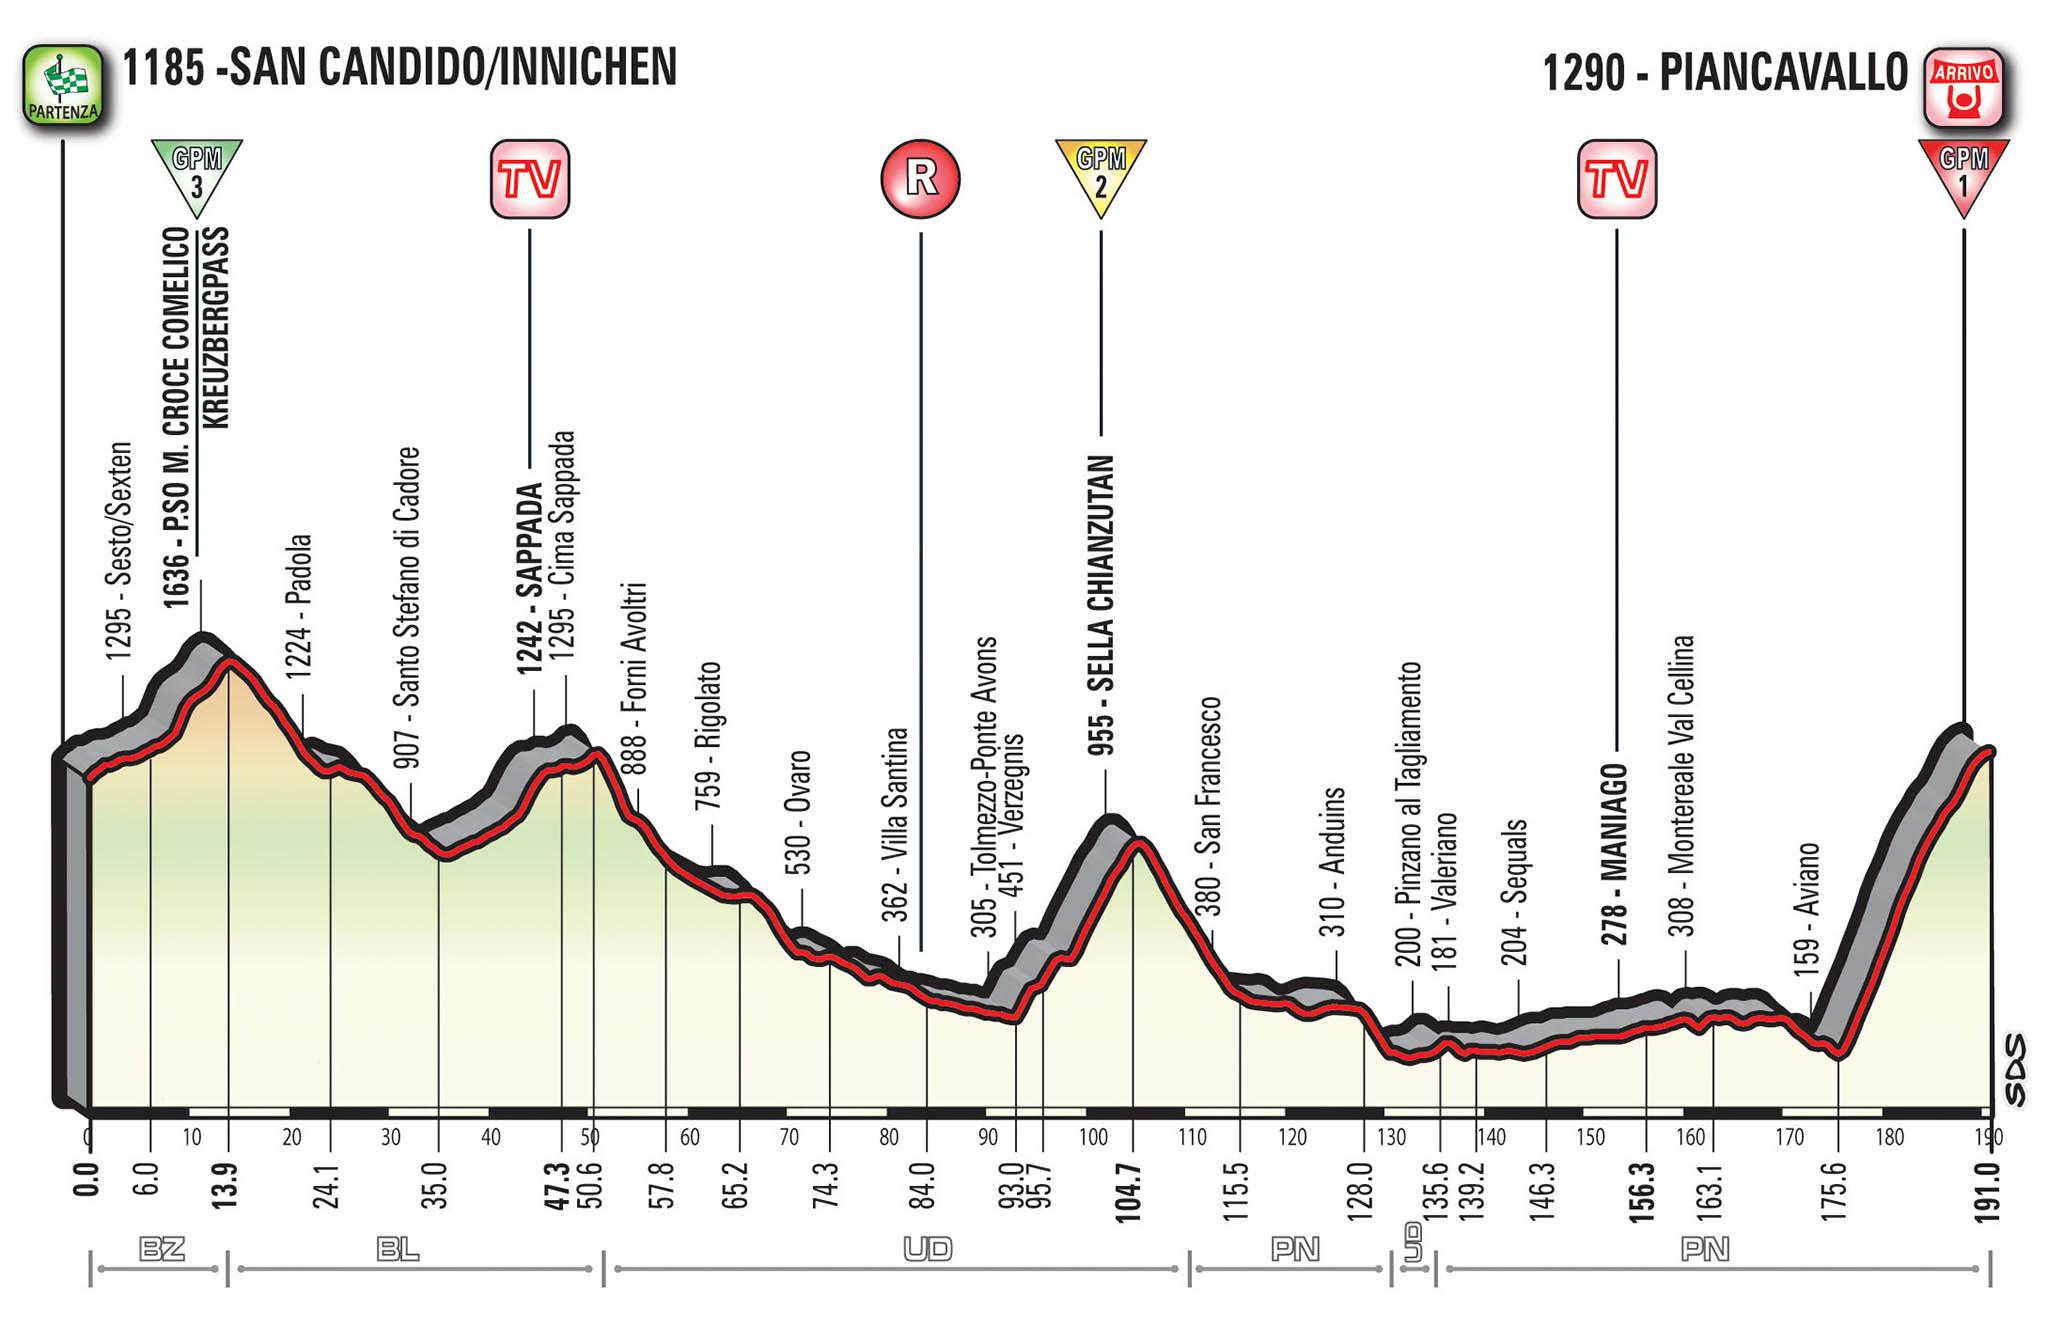 Giro d'Italia 2017 19a tappa